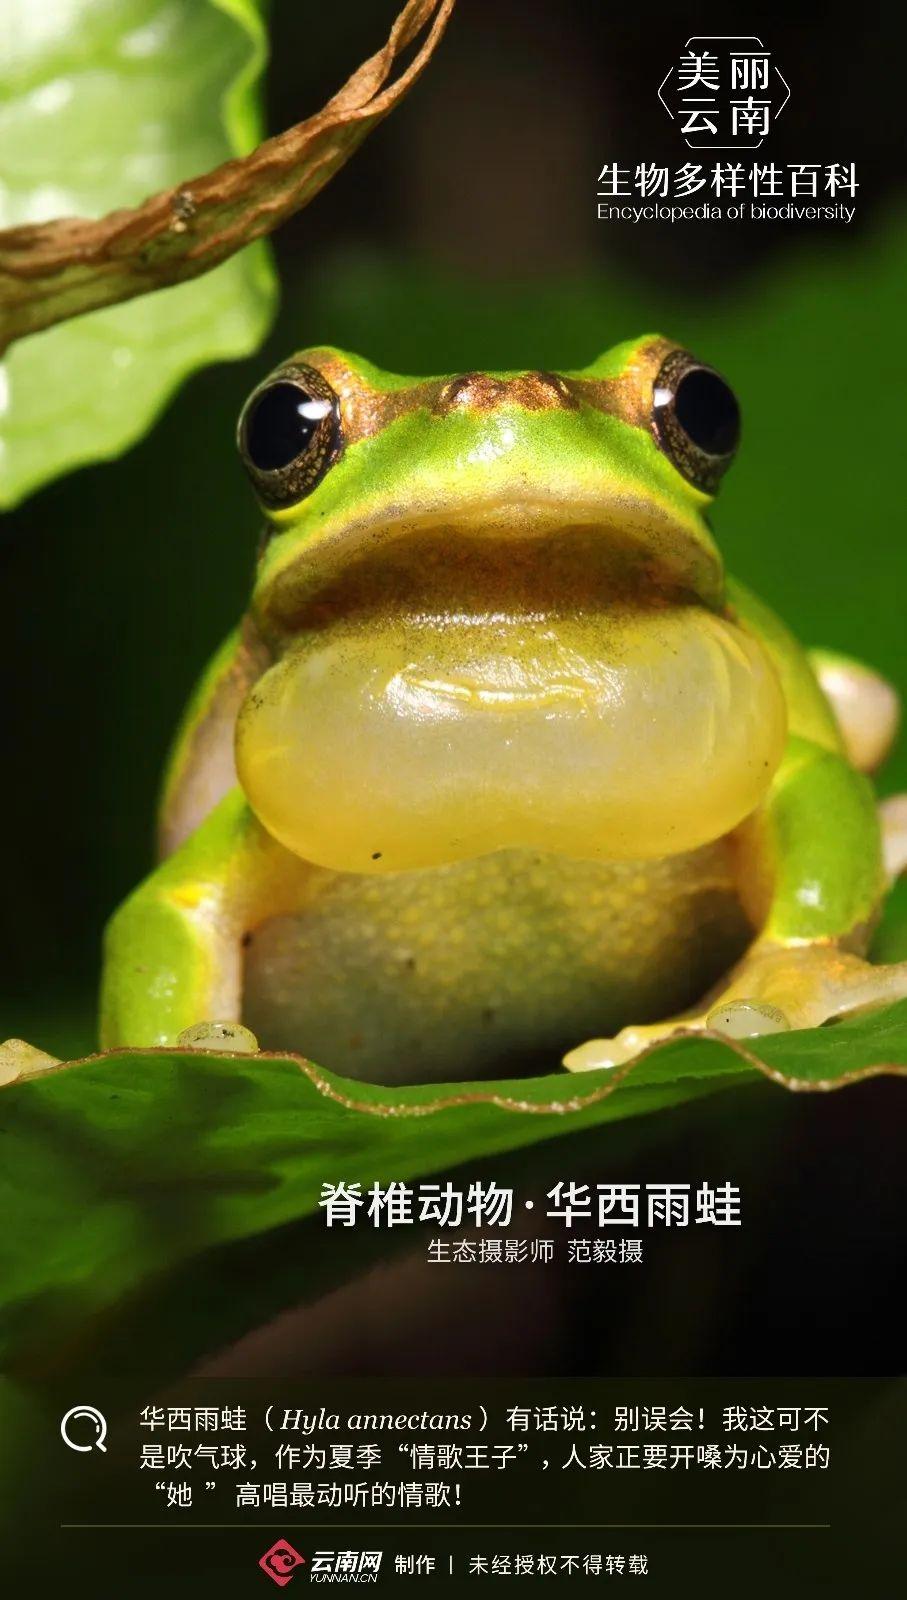 【生物多样性百科】脊椎动物·华西雨蛙:情歌王子就是本尊